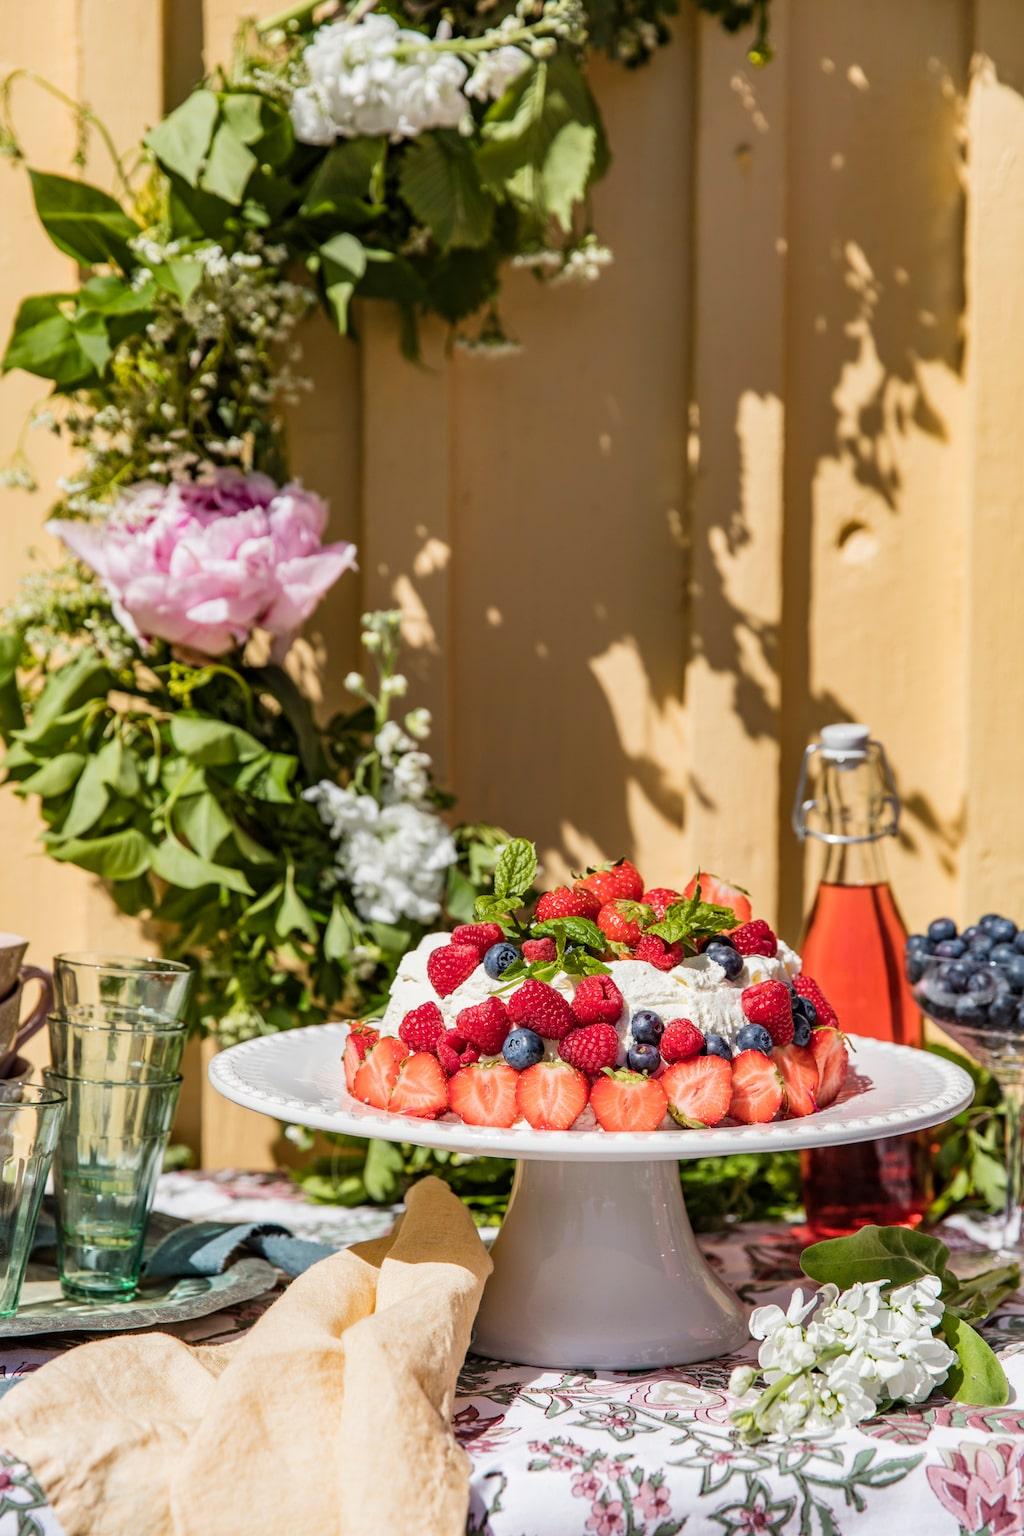 Gör små fina blomsterkransar som kan läggas på bordet eller en stor blomsterkrans som fin dekoration vid fikabordet. Tårtfat, 500 kr, Pottey Jo.